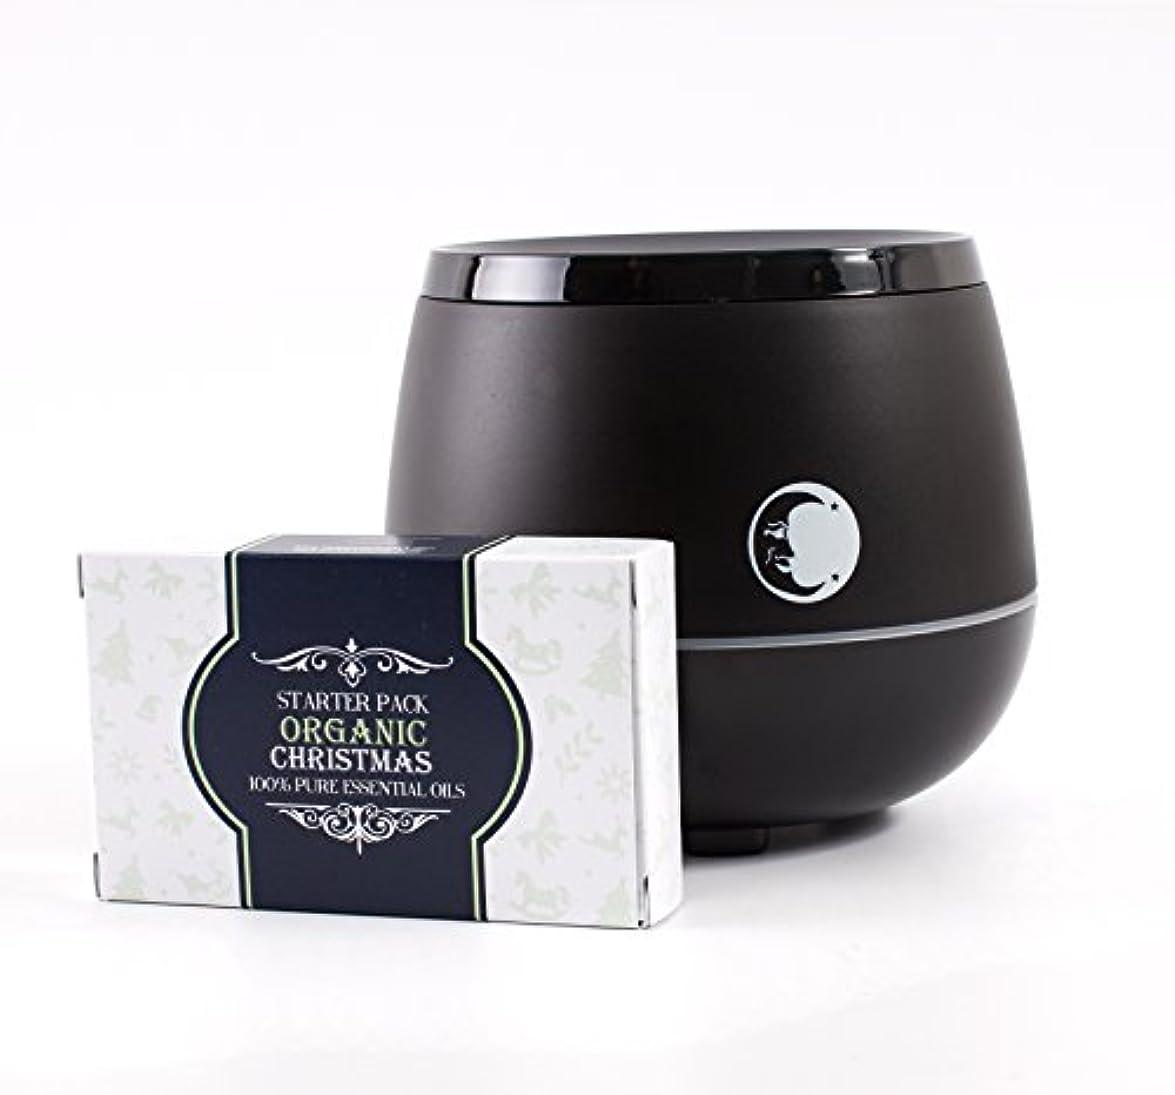 炎上抹消ゲストMystic Moments | Black Aromatherapy Oil Ultrasonic Diffuser With Bluetooth Speaker & LED Lights + Organic Christmas...